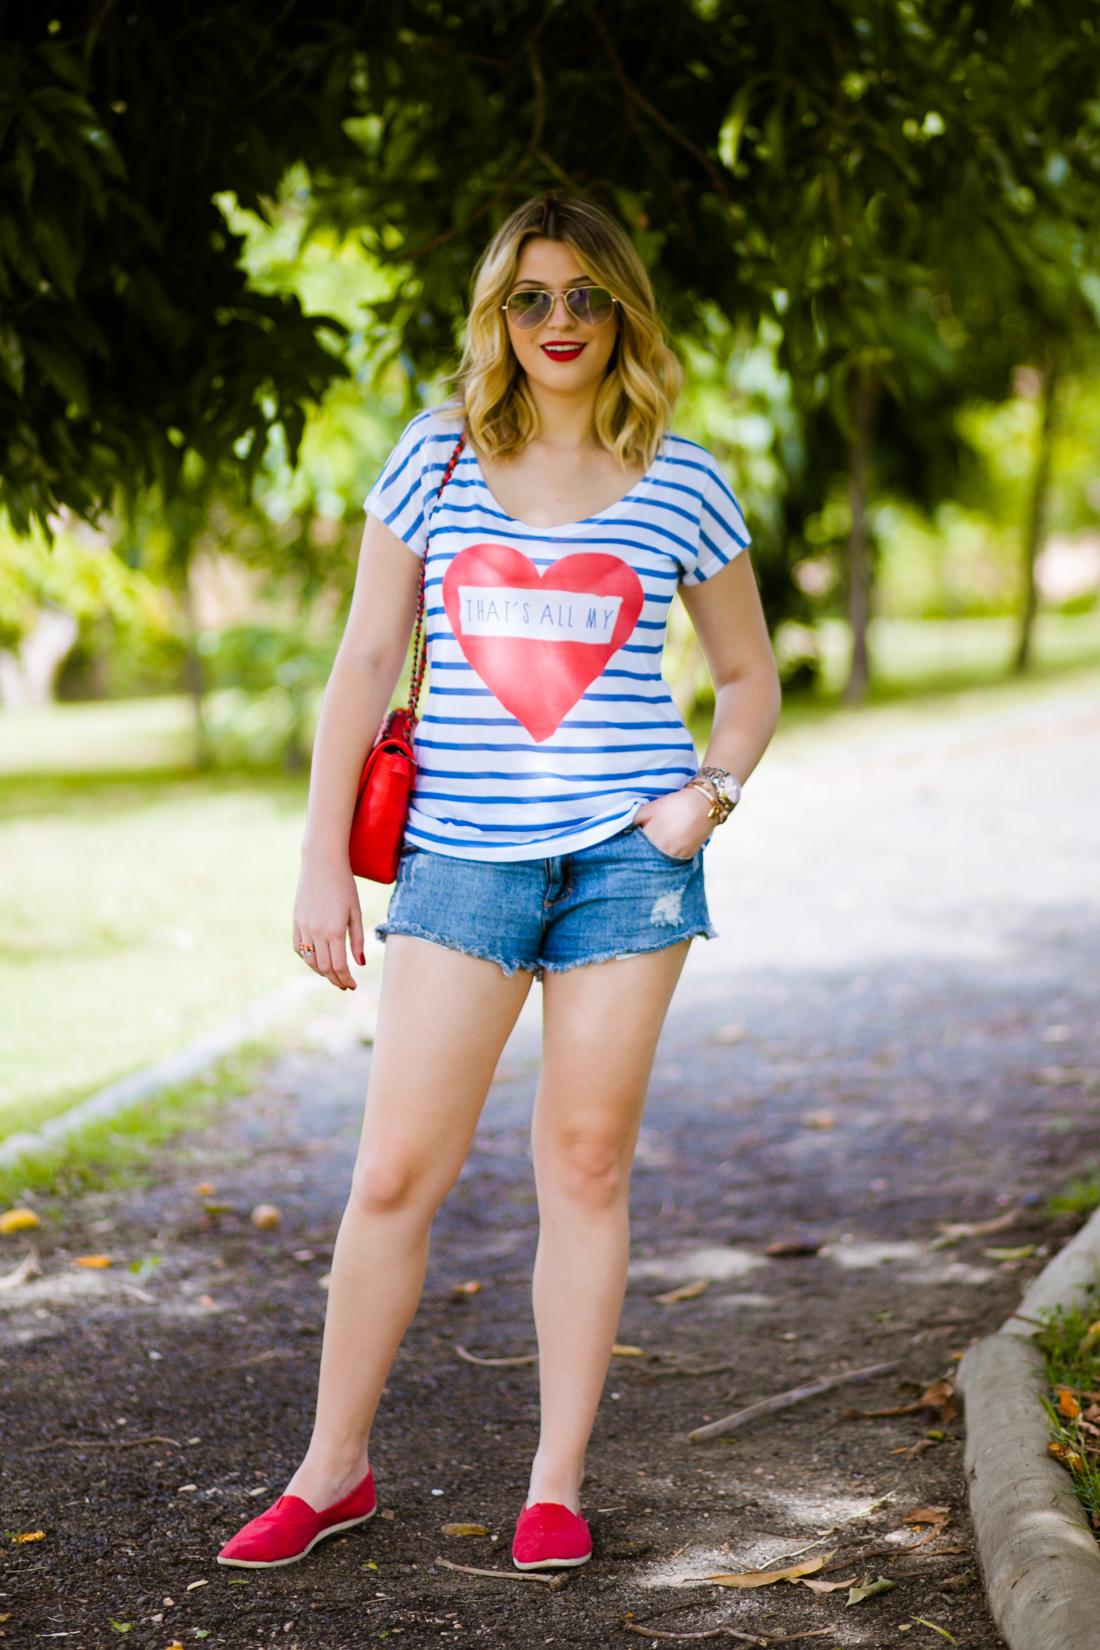 b32495666 Eu AMO conforto, é a quesito principal na hora de me vestir. Agora no verão  eu amo usar shorts jeans e camisetas estampadas, principalmente se a  estampa for ...